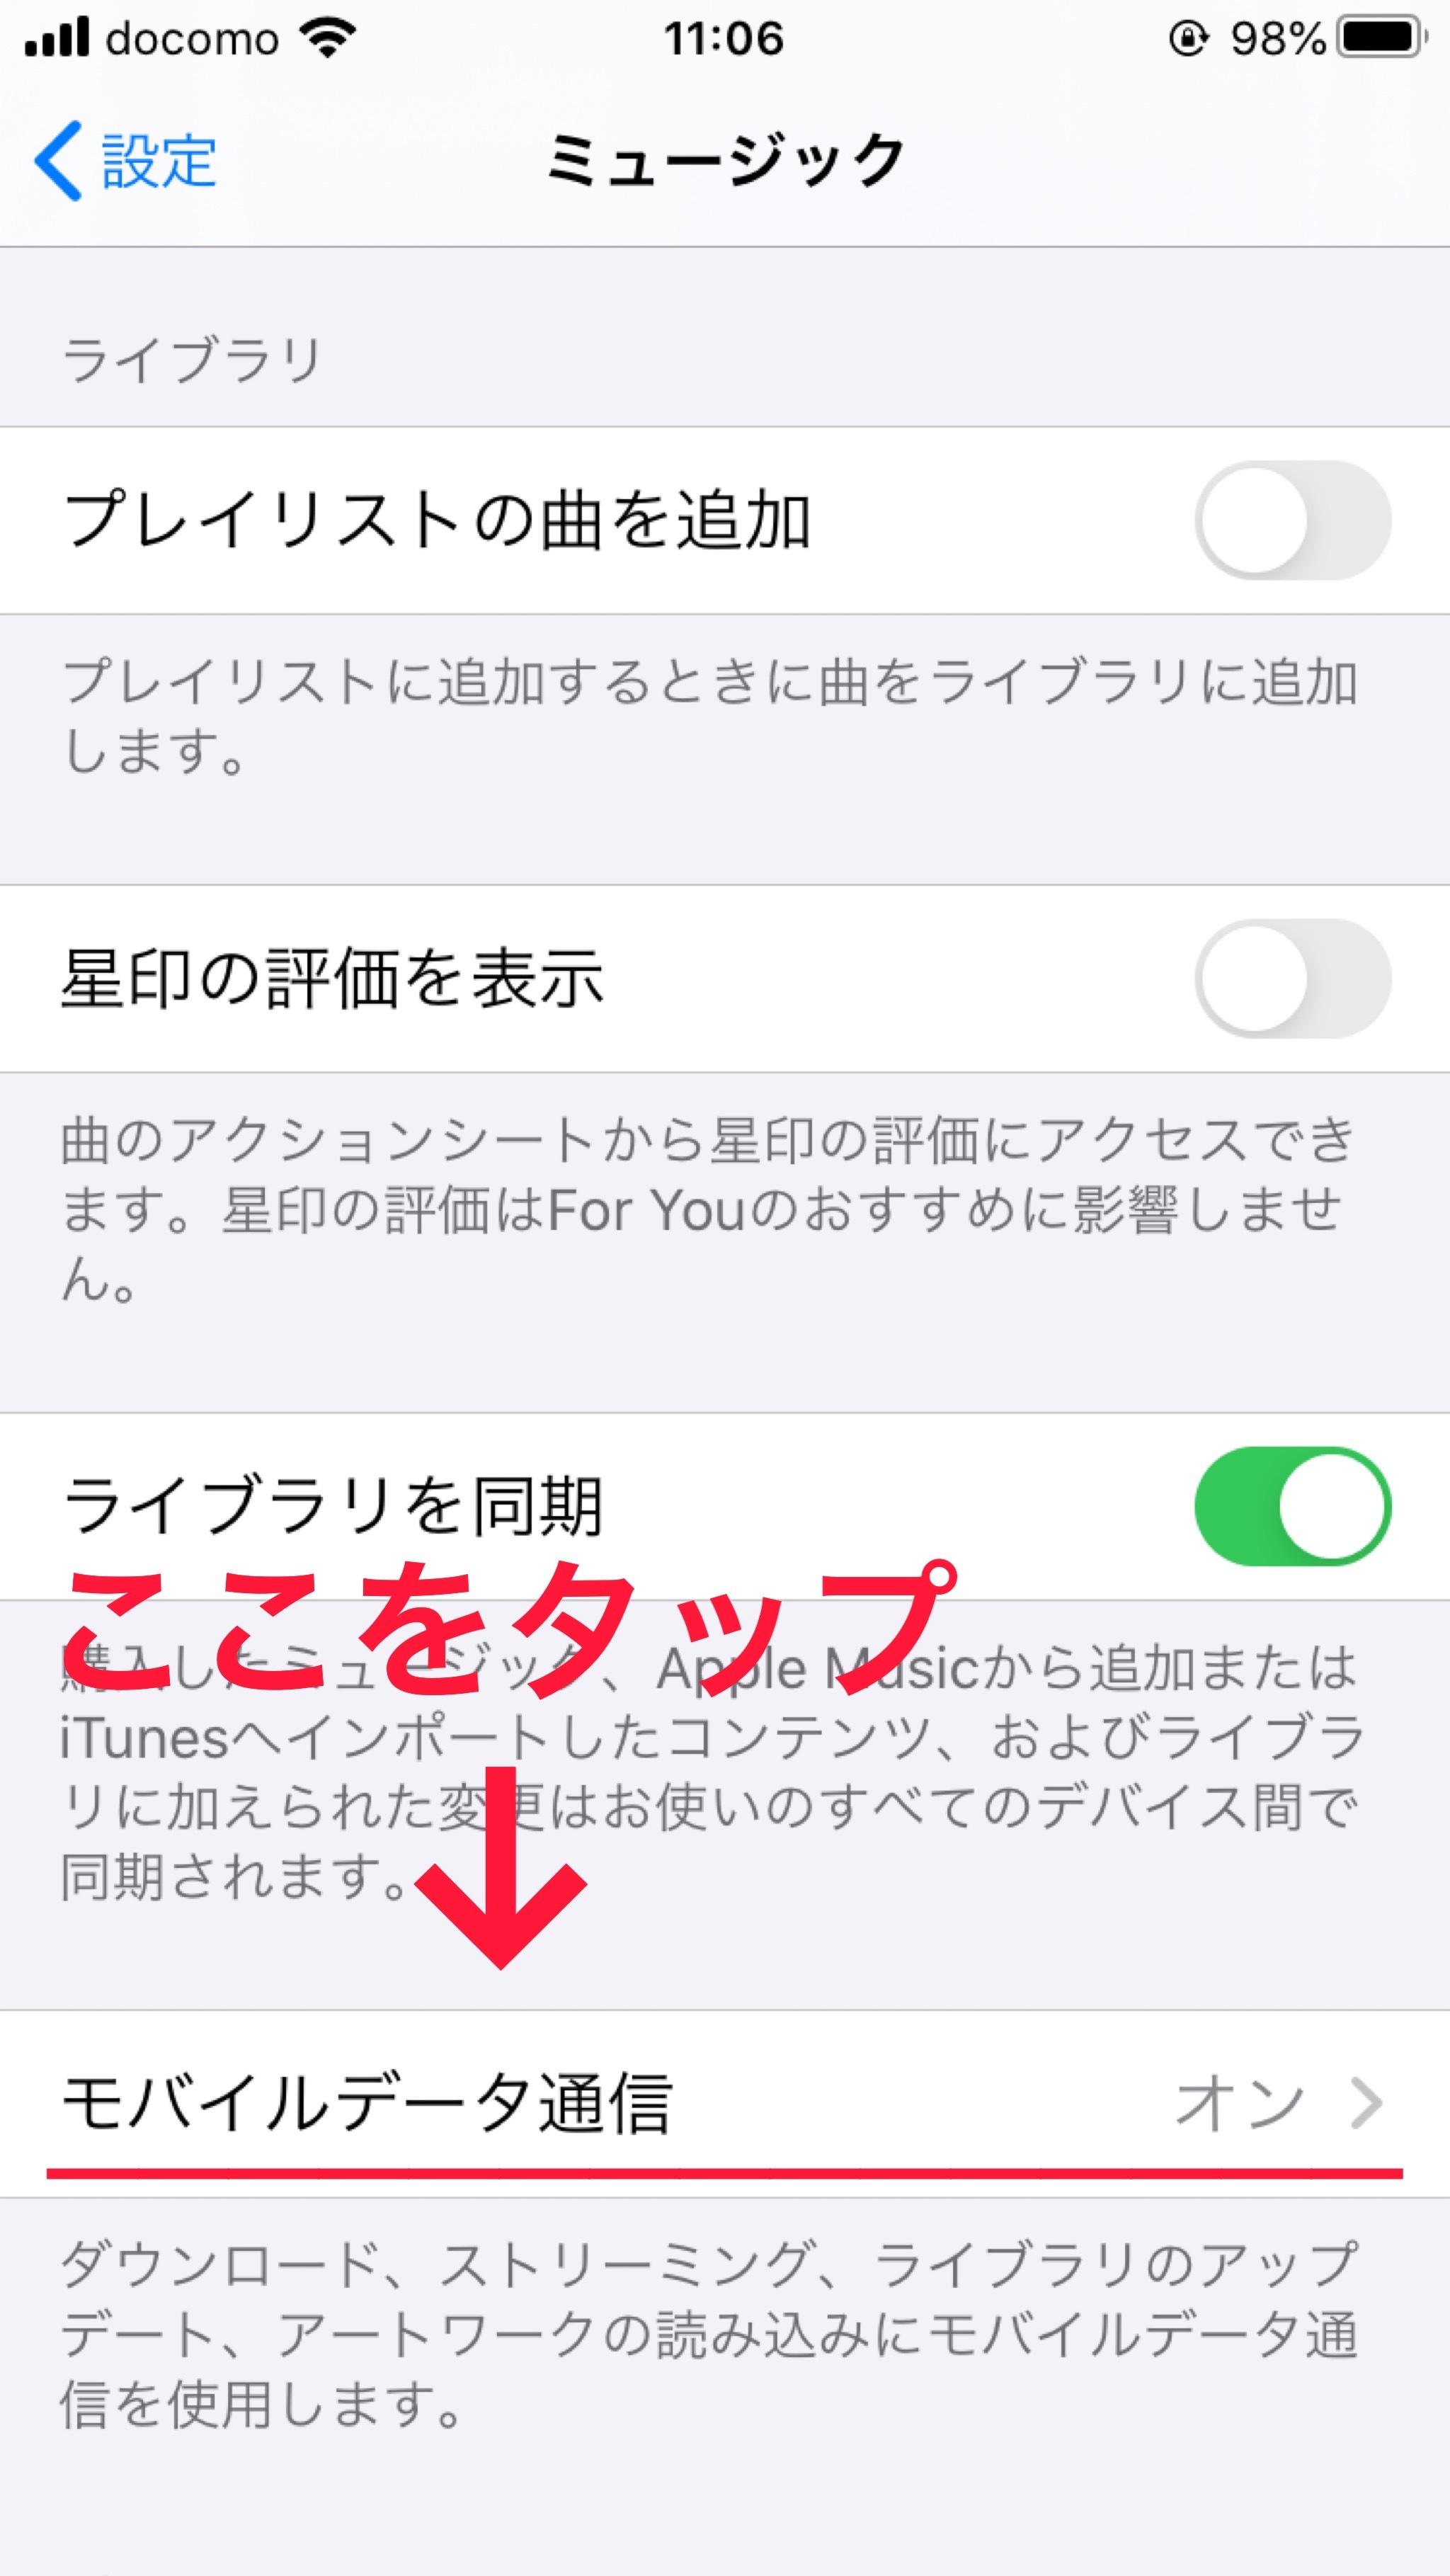 apple musicの設定画面